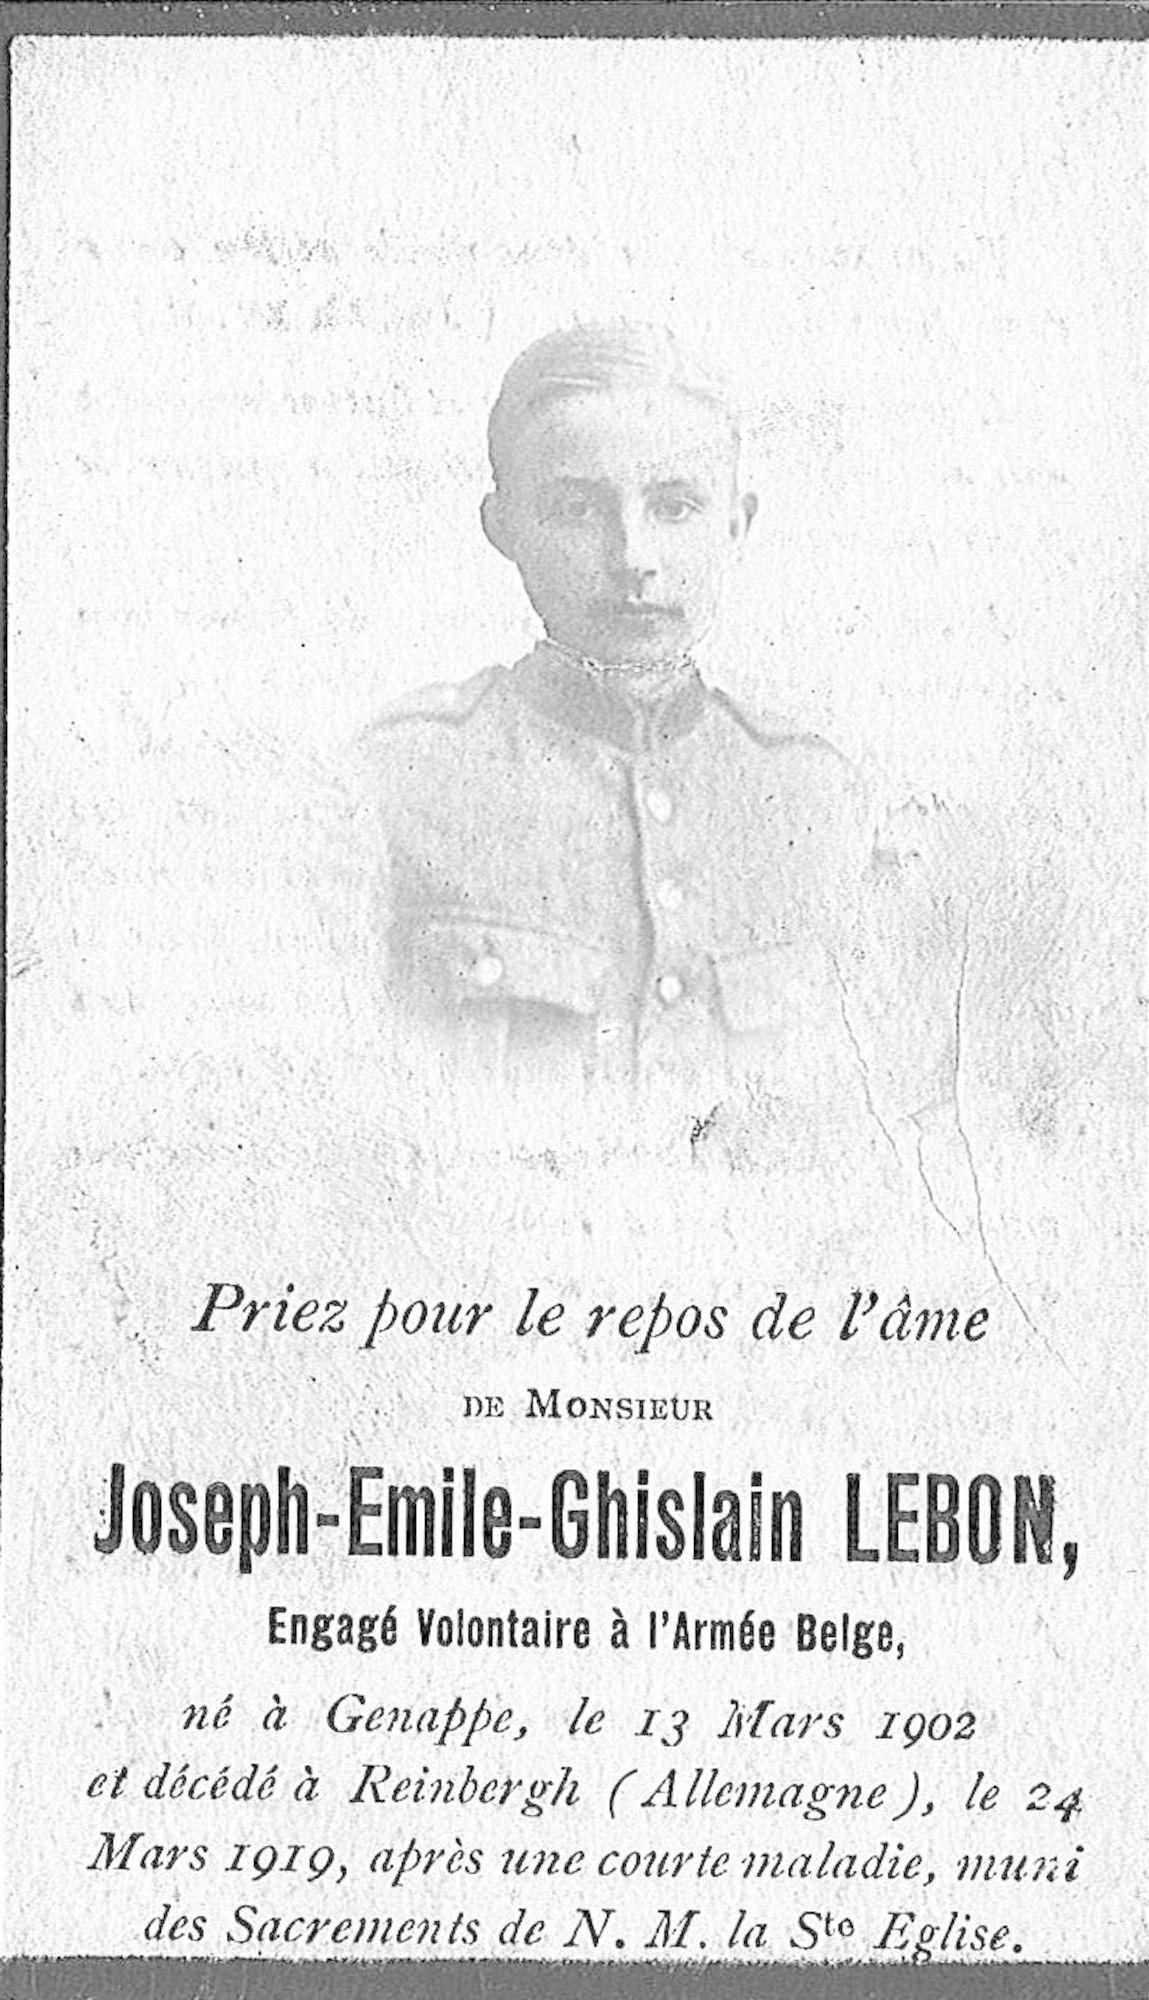 Joseph-Emile-Ghislain Lebon